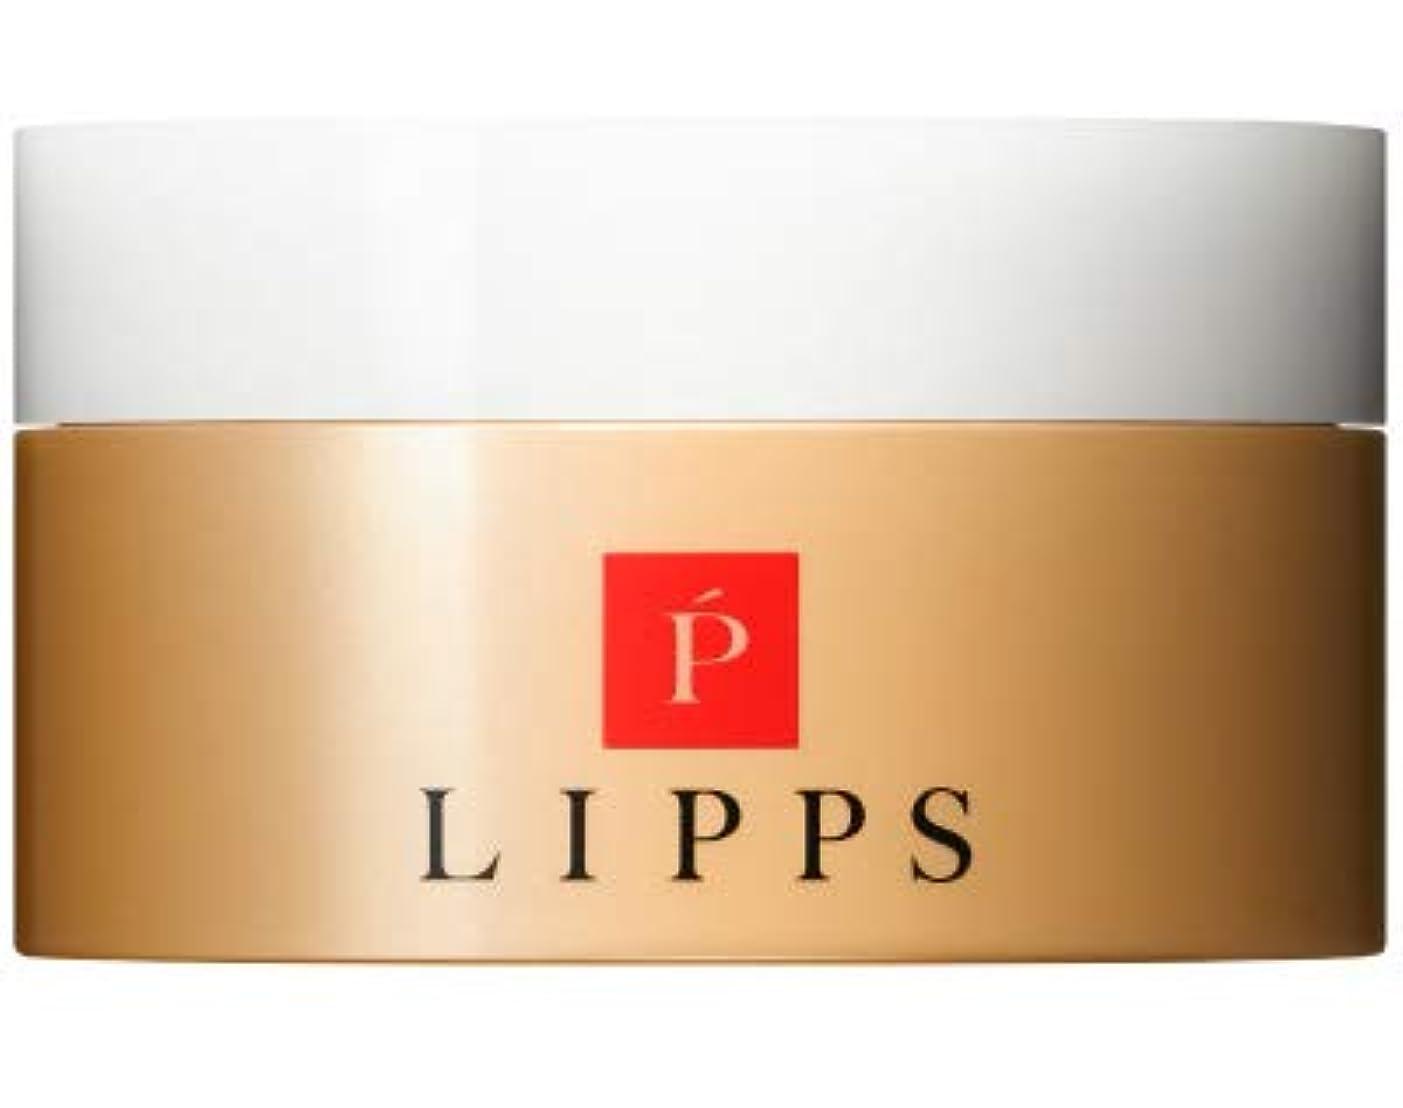 砂漠メタルライン慰め【ふわっと動く×自由自在な束感】LIPPS L12フリーキープワックス (85g)